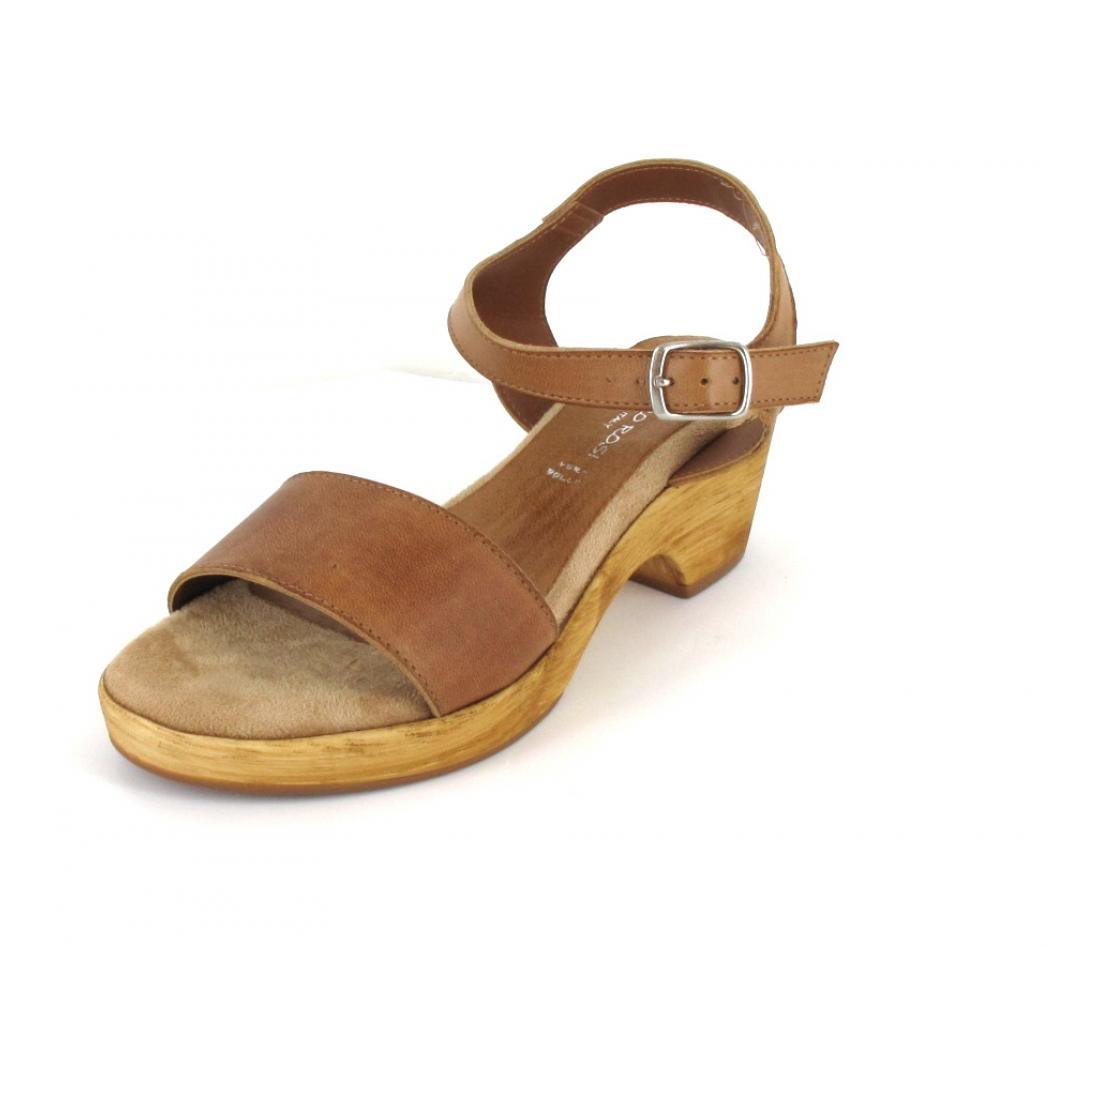 Sandy Shoes Sandale Vitello cuoio